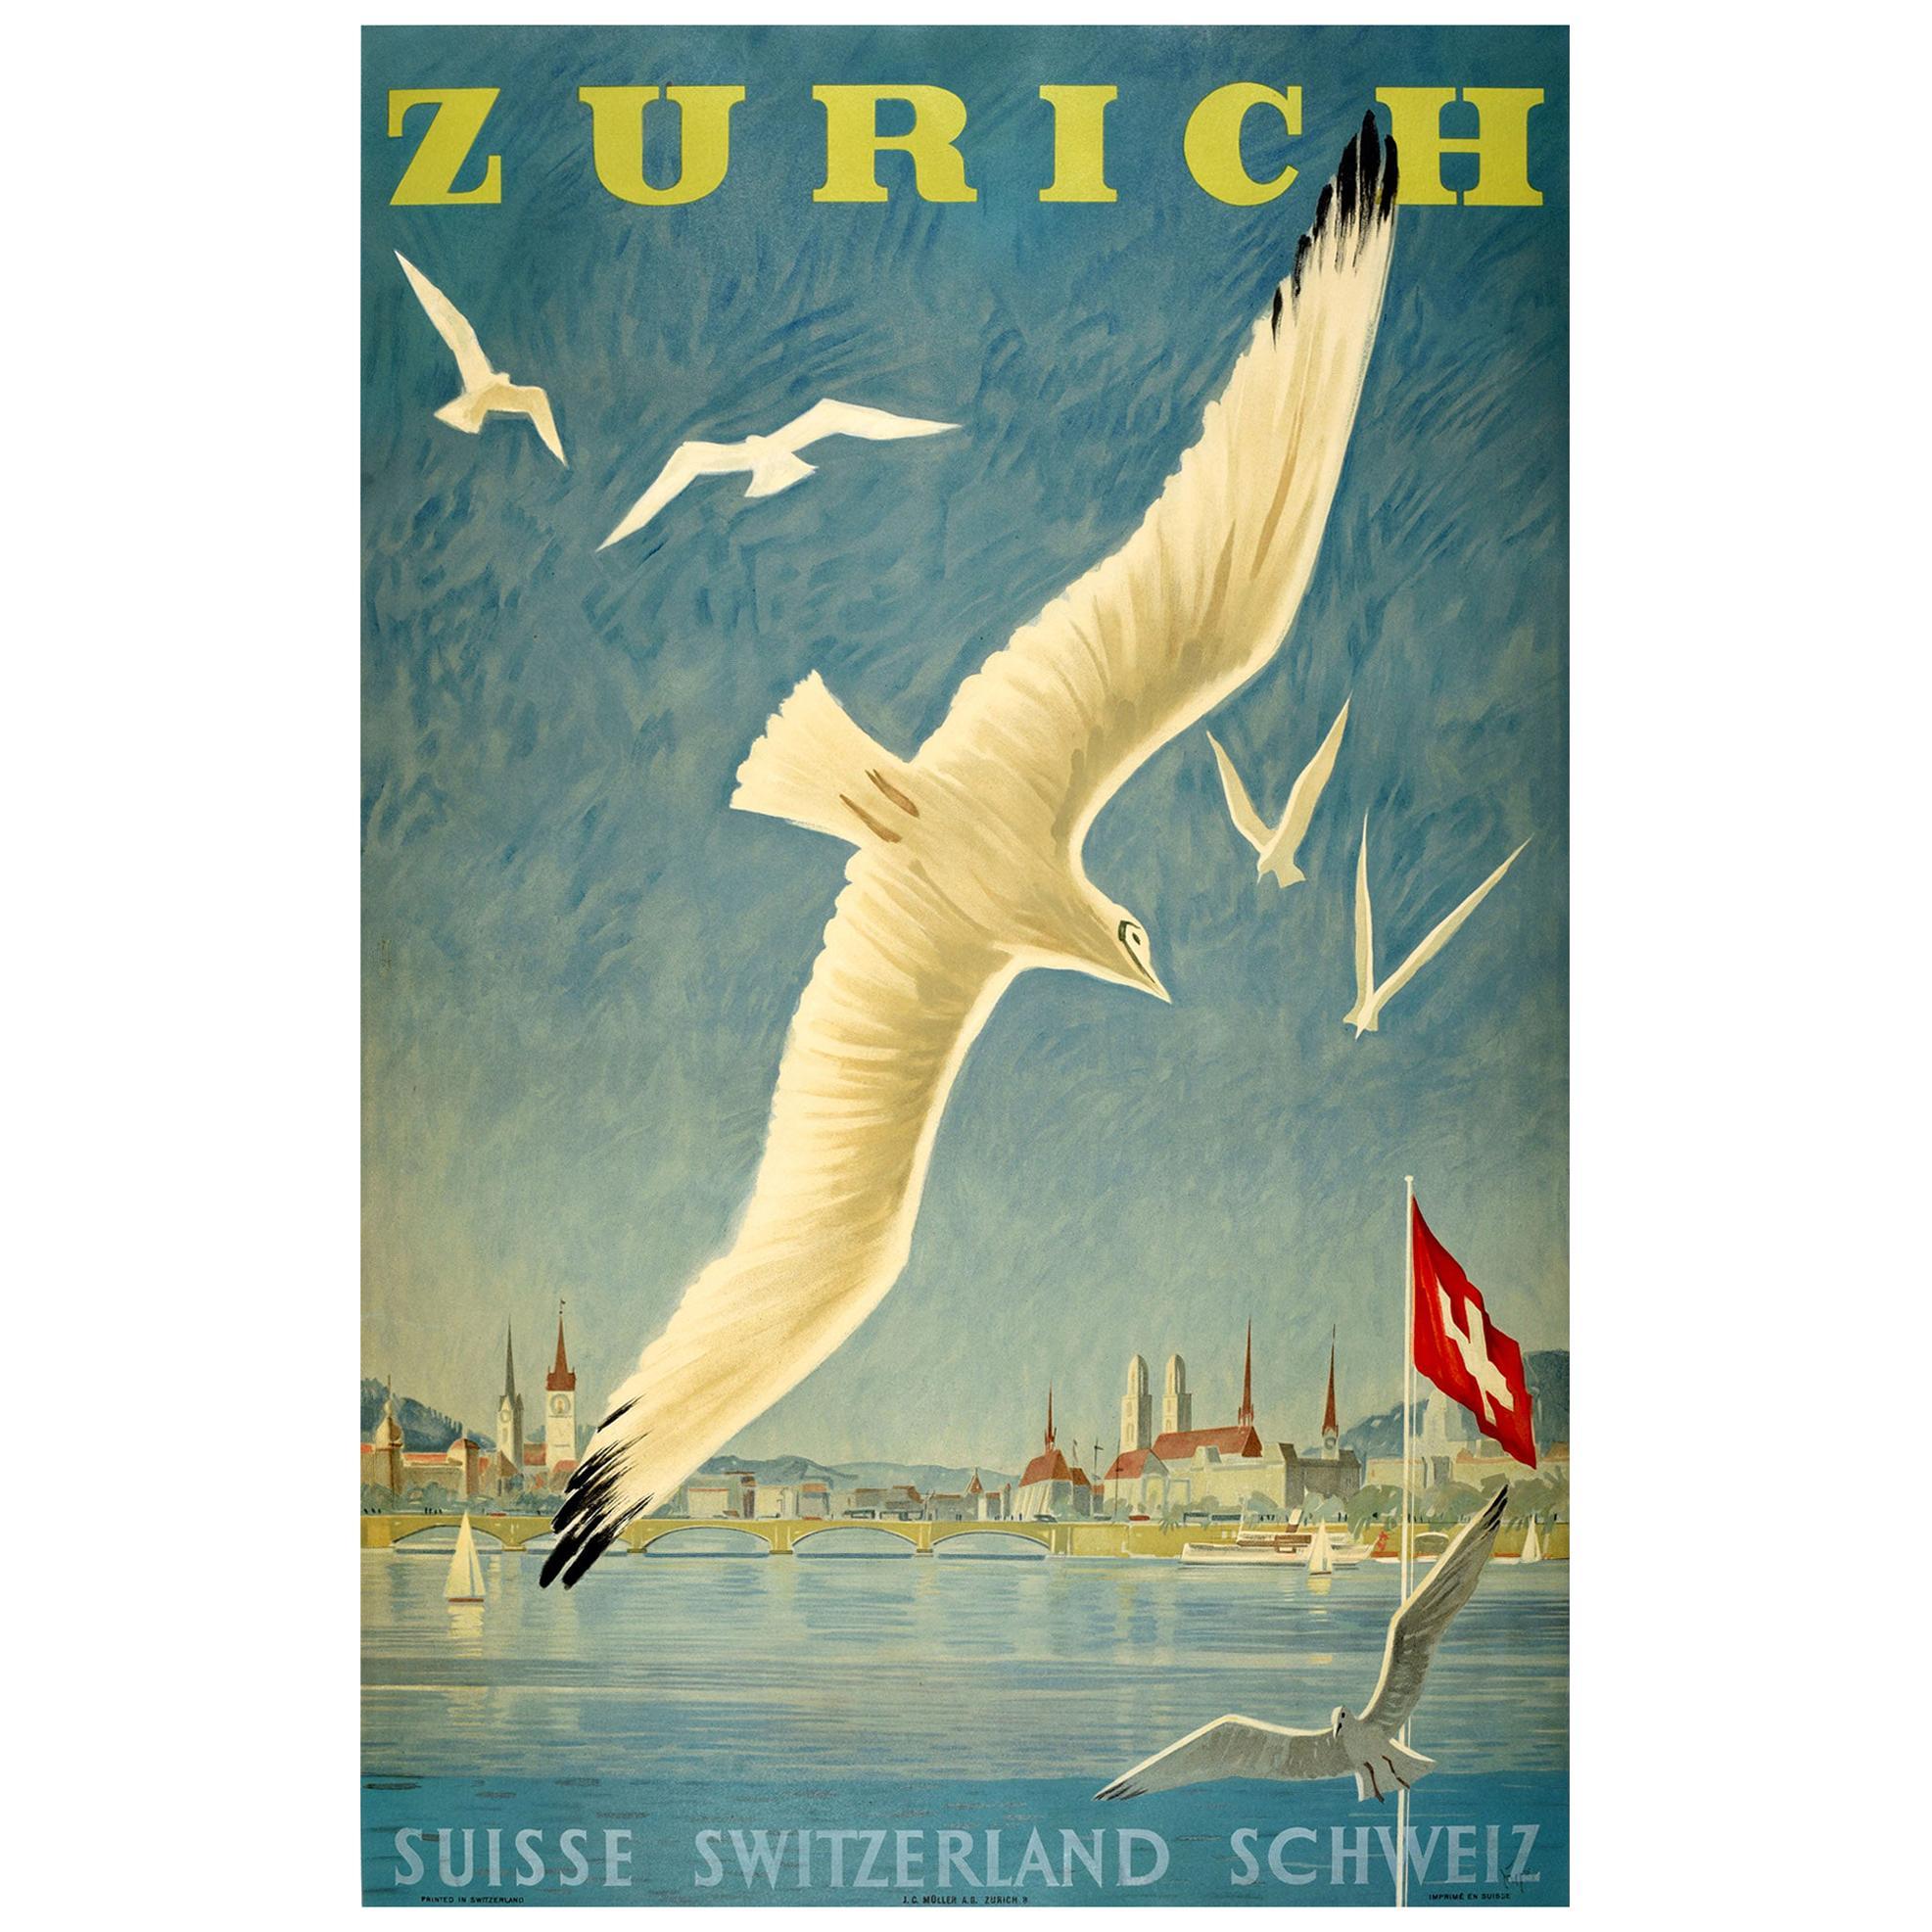 Original Vintage Poster Lake Zurich Switzerland Sailing Swiss Alps Travel Art